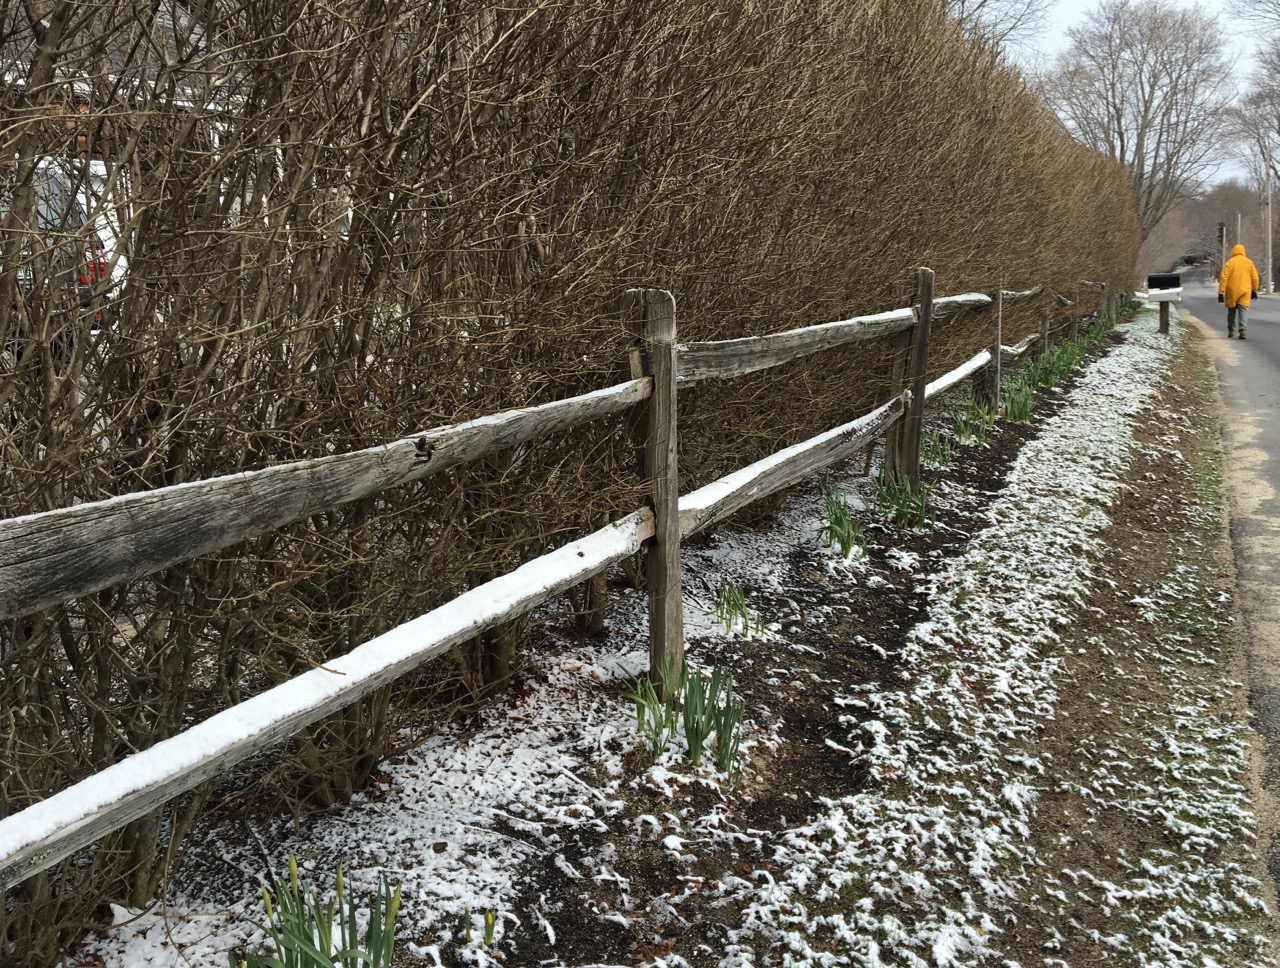 ray-fence-daffodils-road.jpg